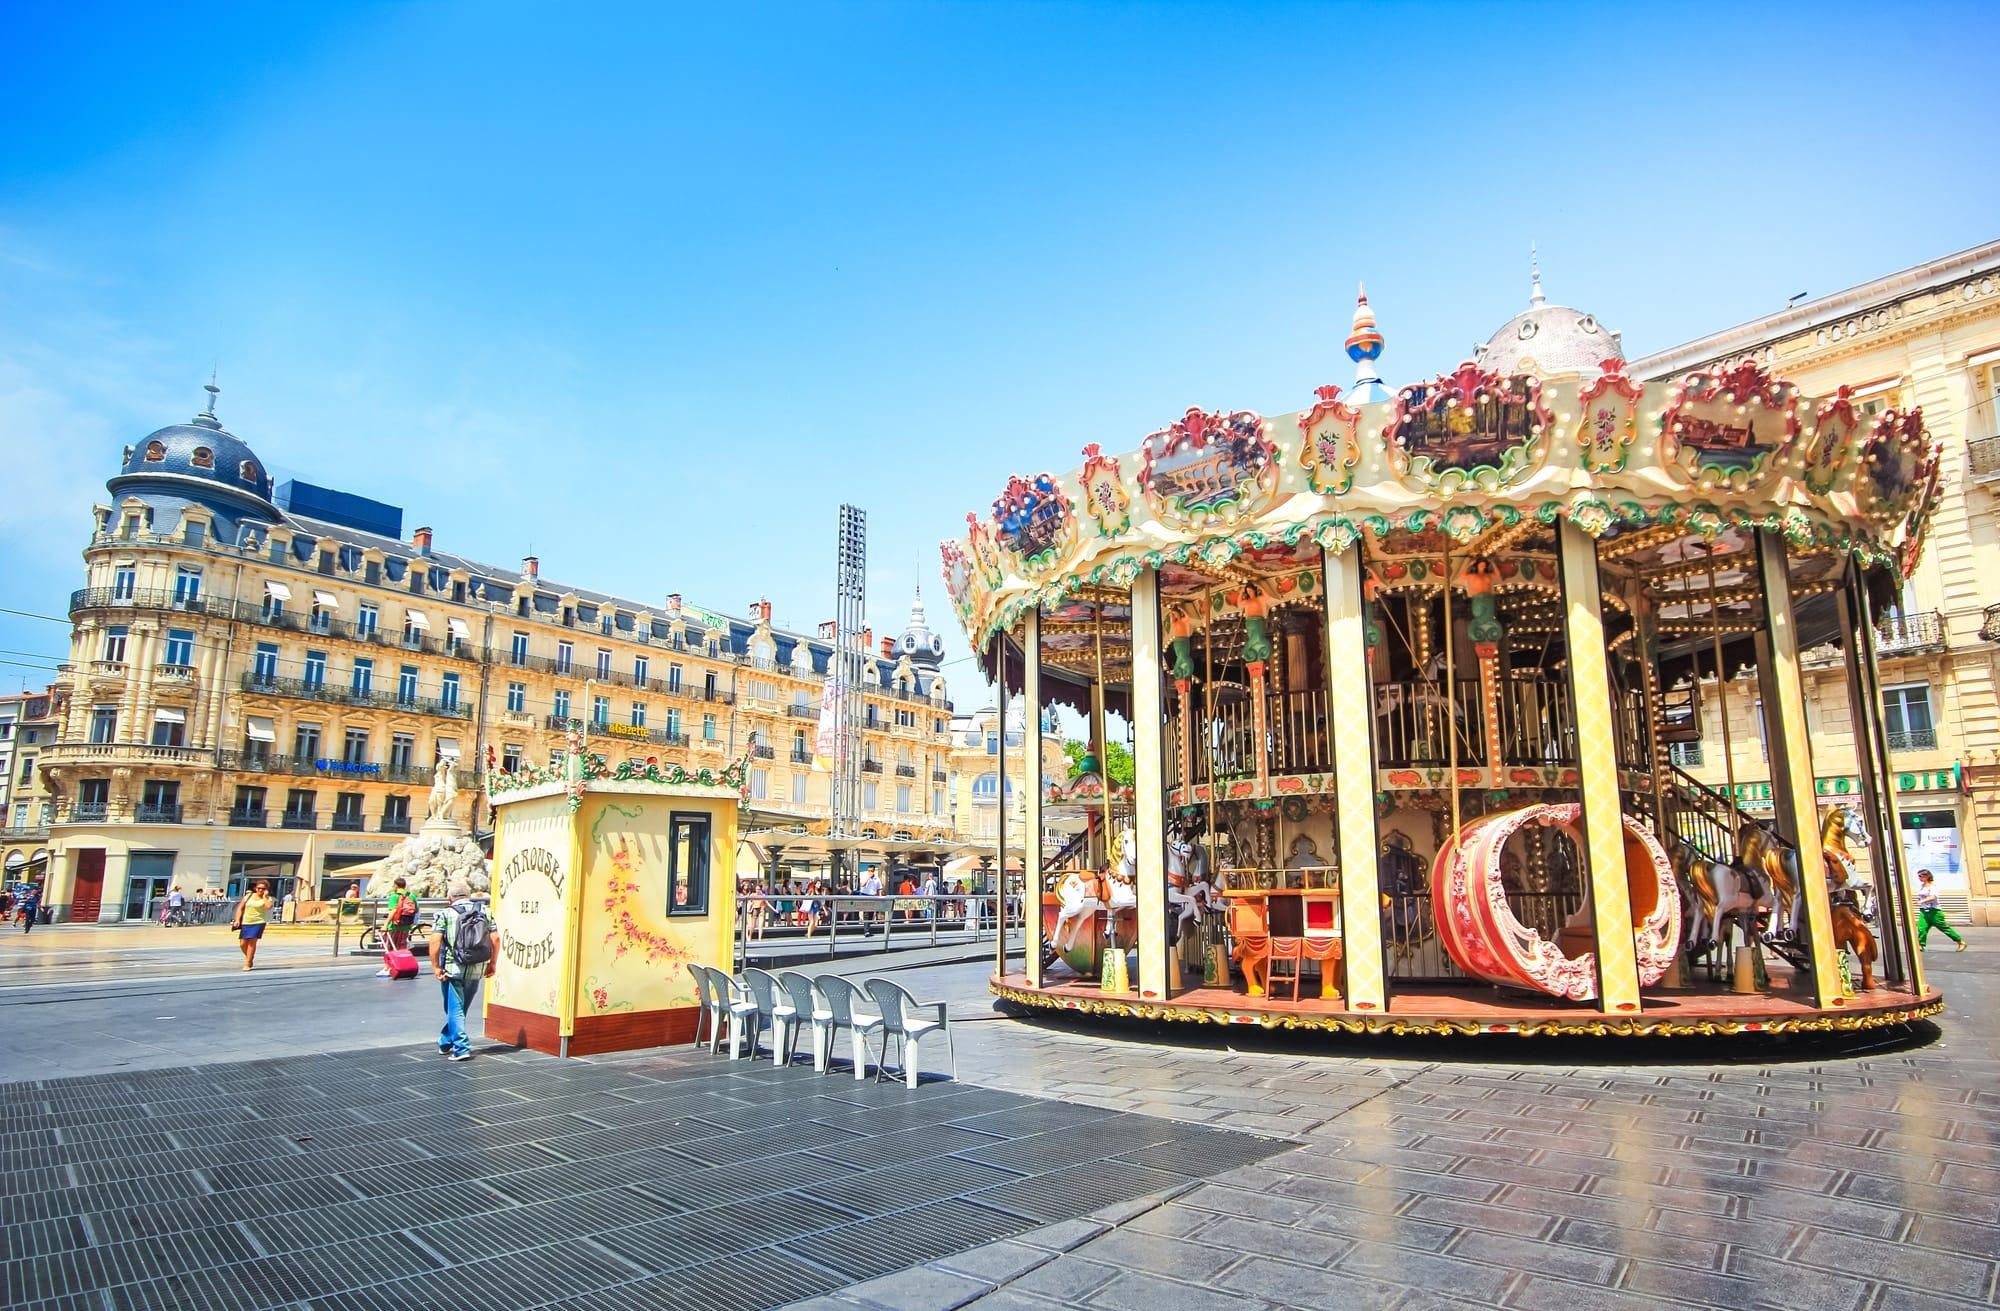 10 best destinations in france for families - Piscine place de l europe montpellier ...